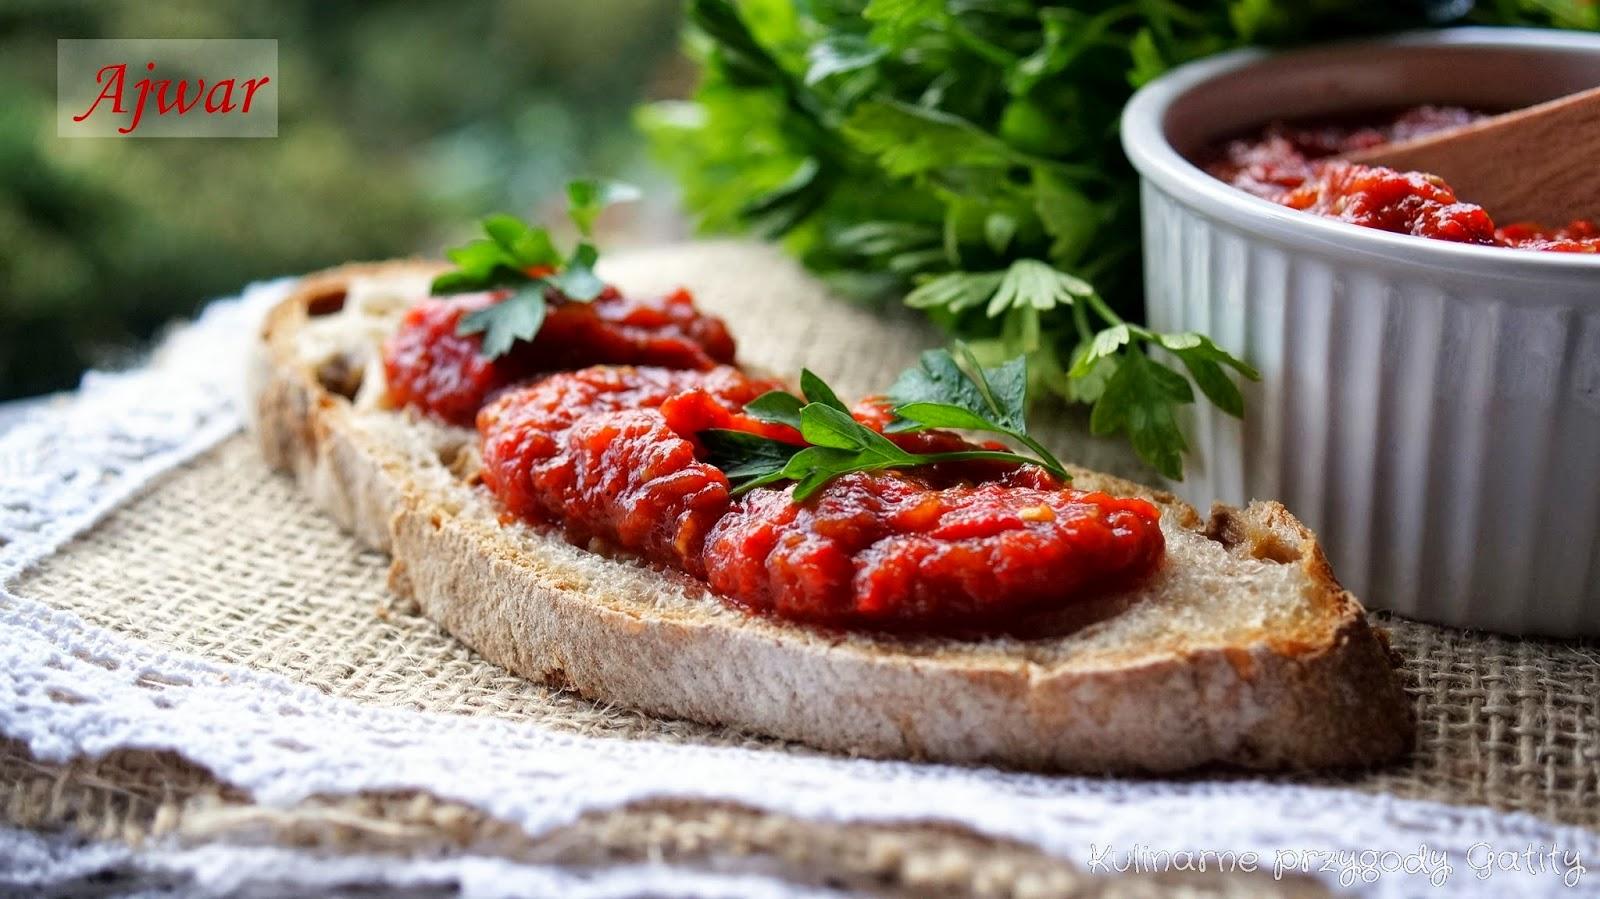 czerwona-pasta-na-kromce-chleba